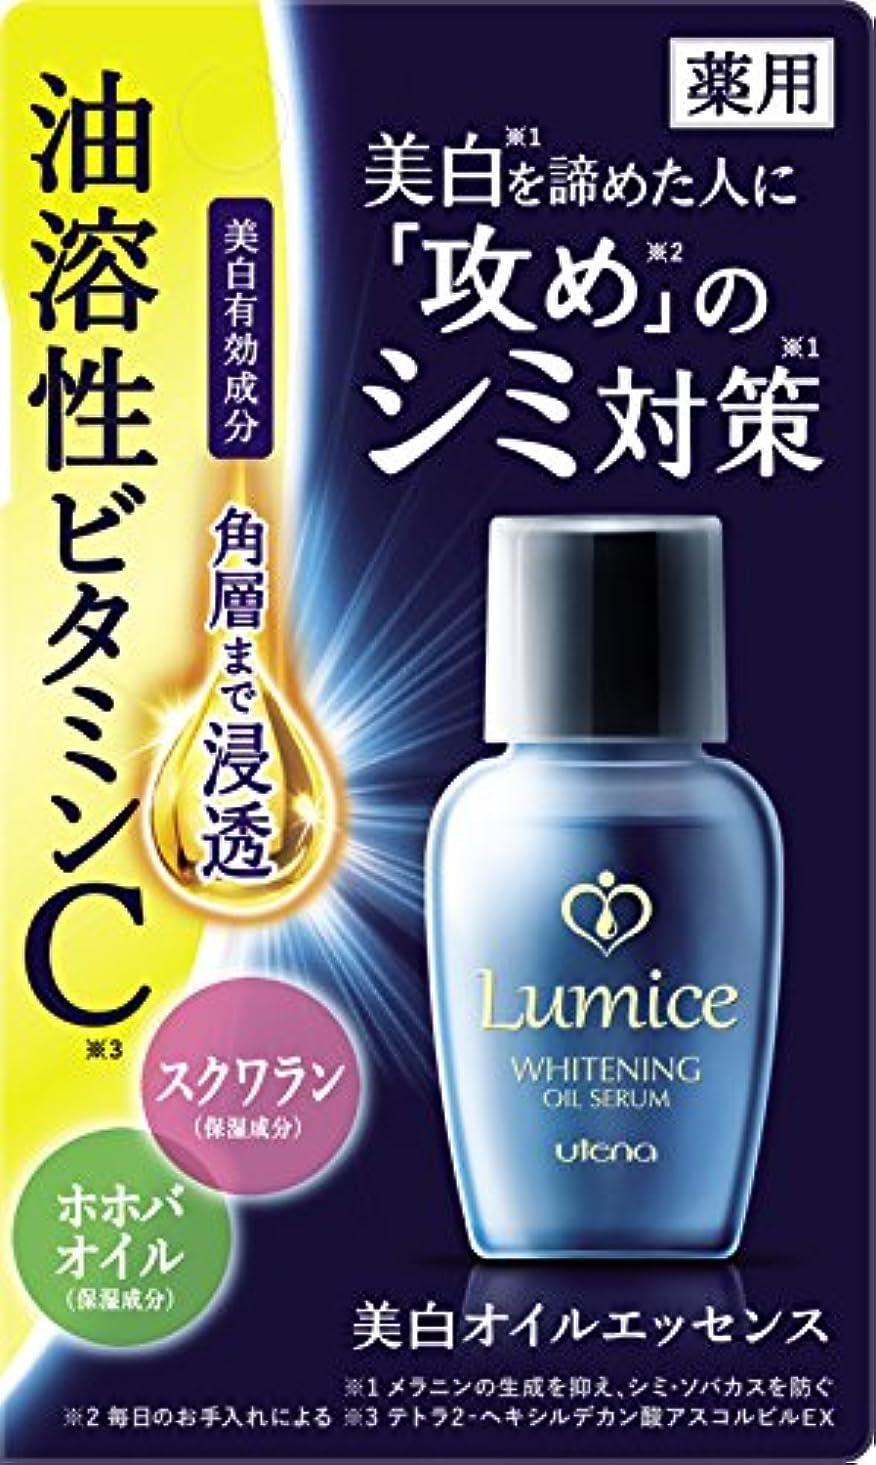 脳靴モンクルミーチェ(Lumice) 美白オイルエッセンス 30mL [医薬部外品]